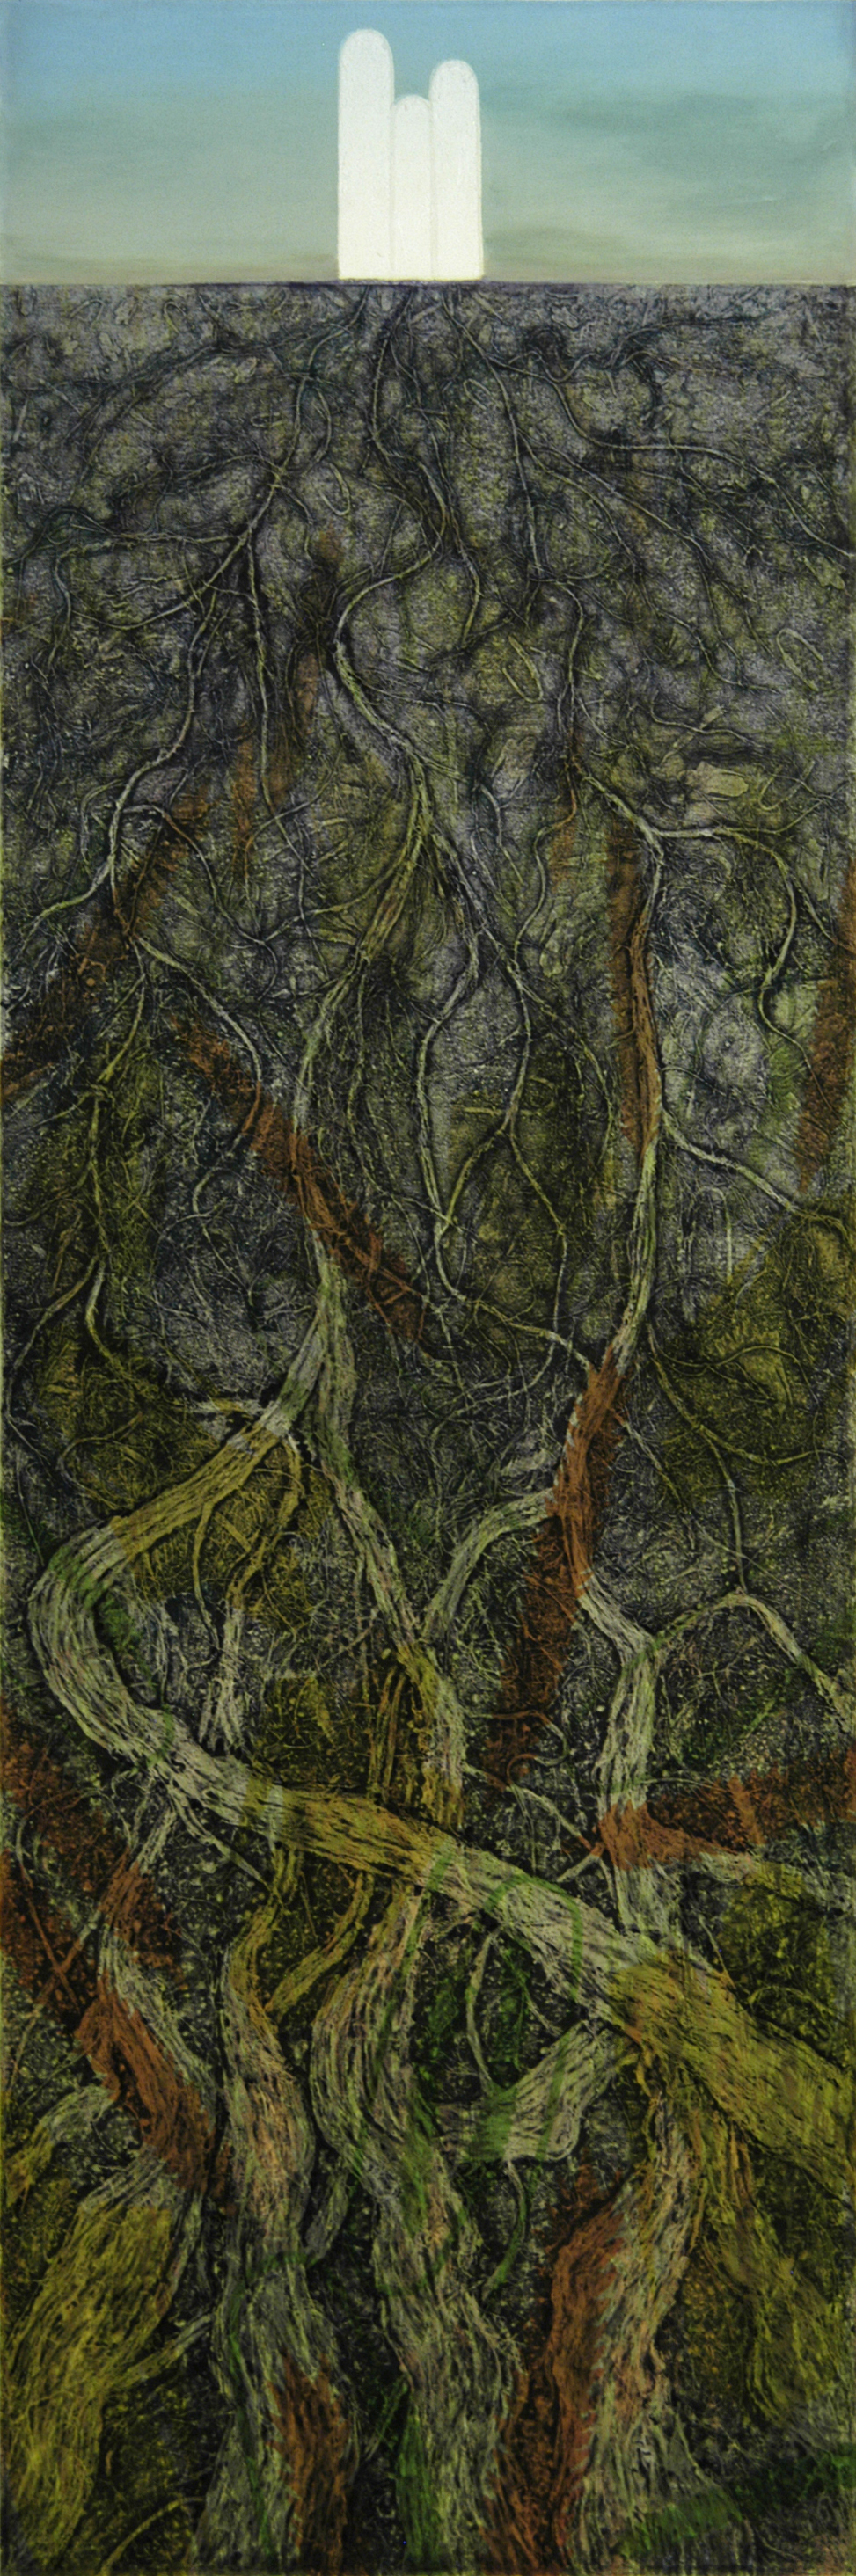 Sustenance Roots V.jpg